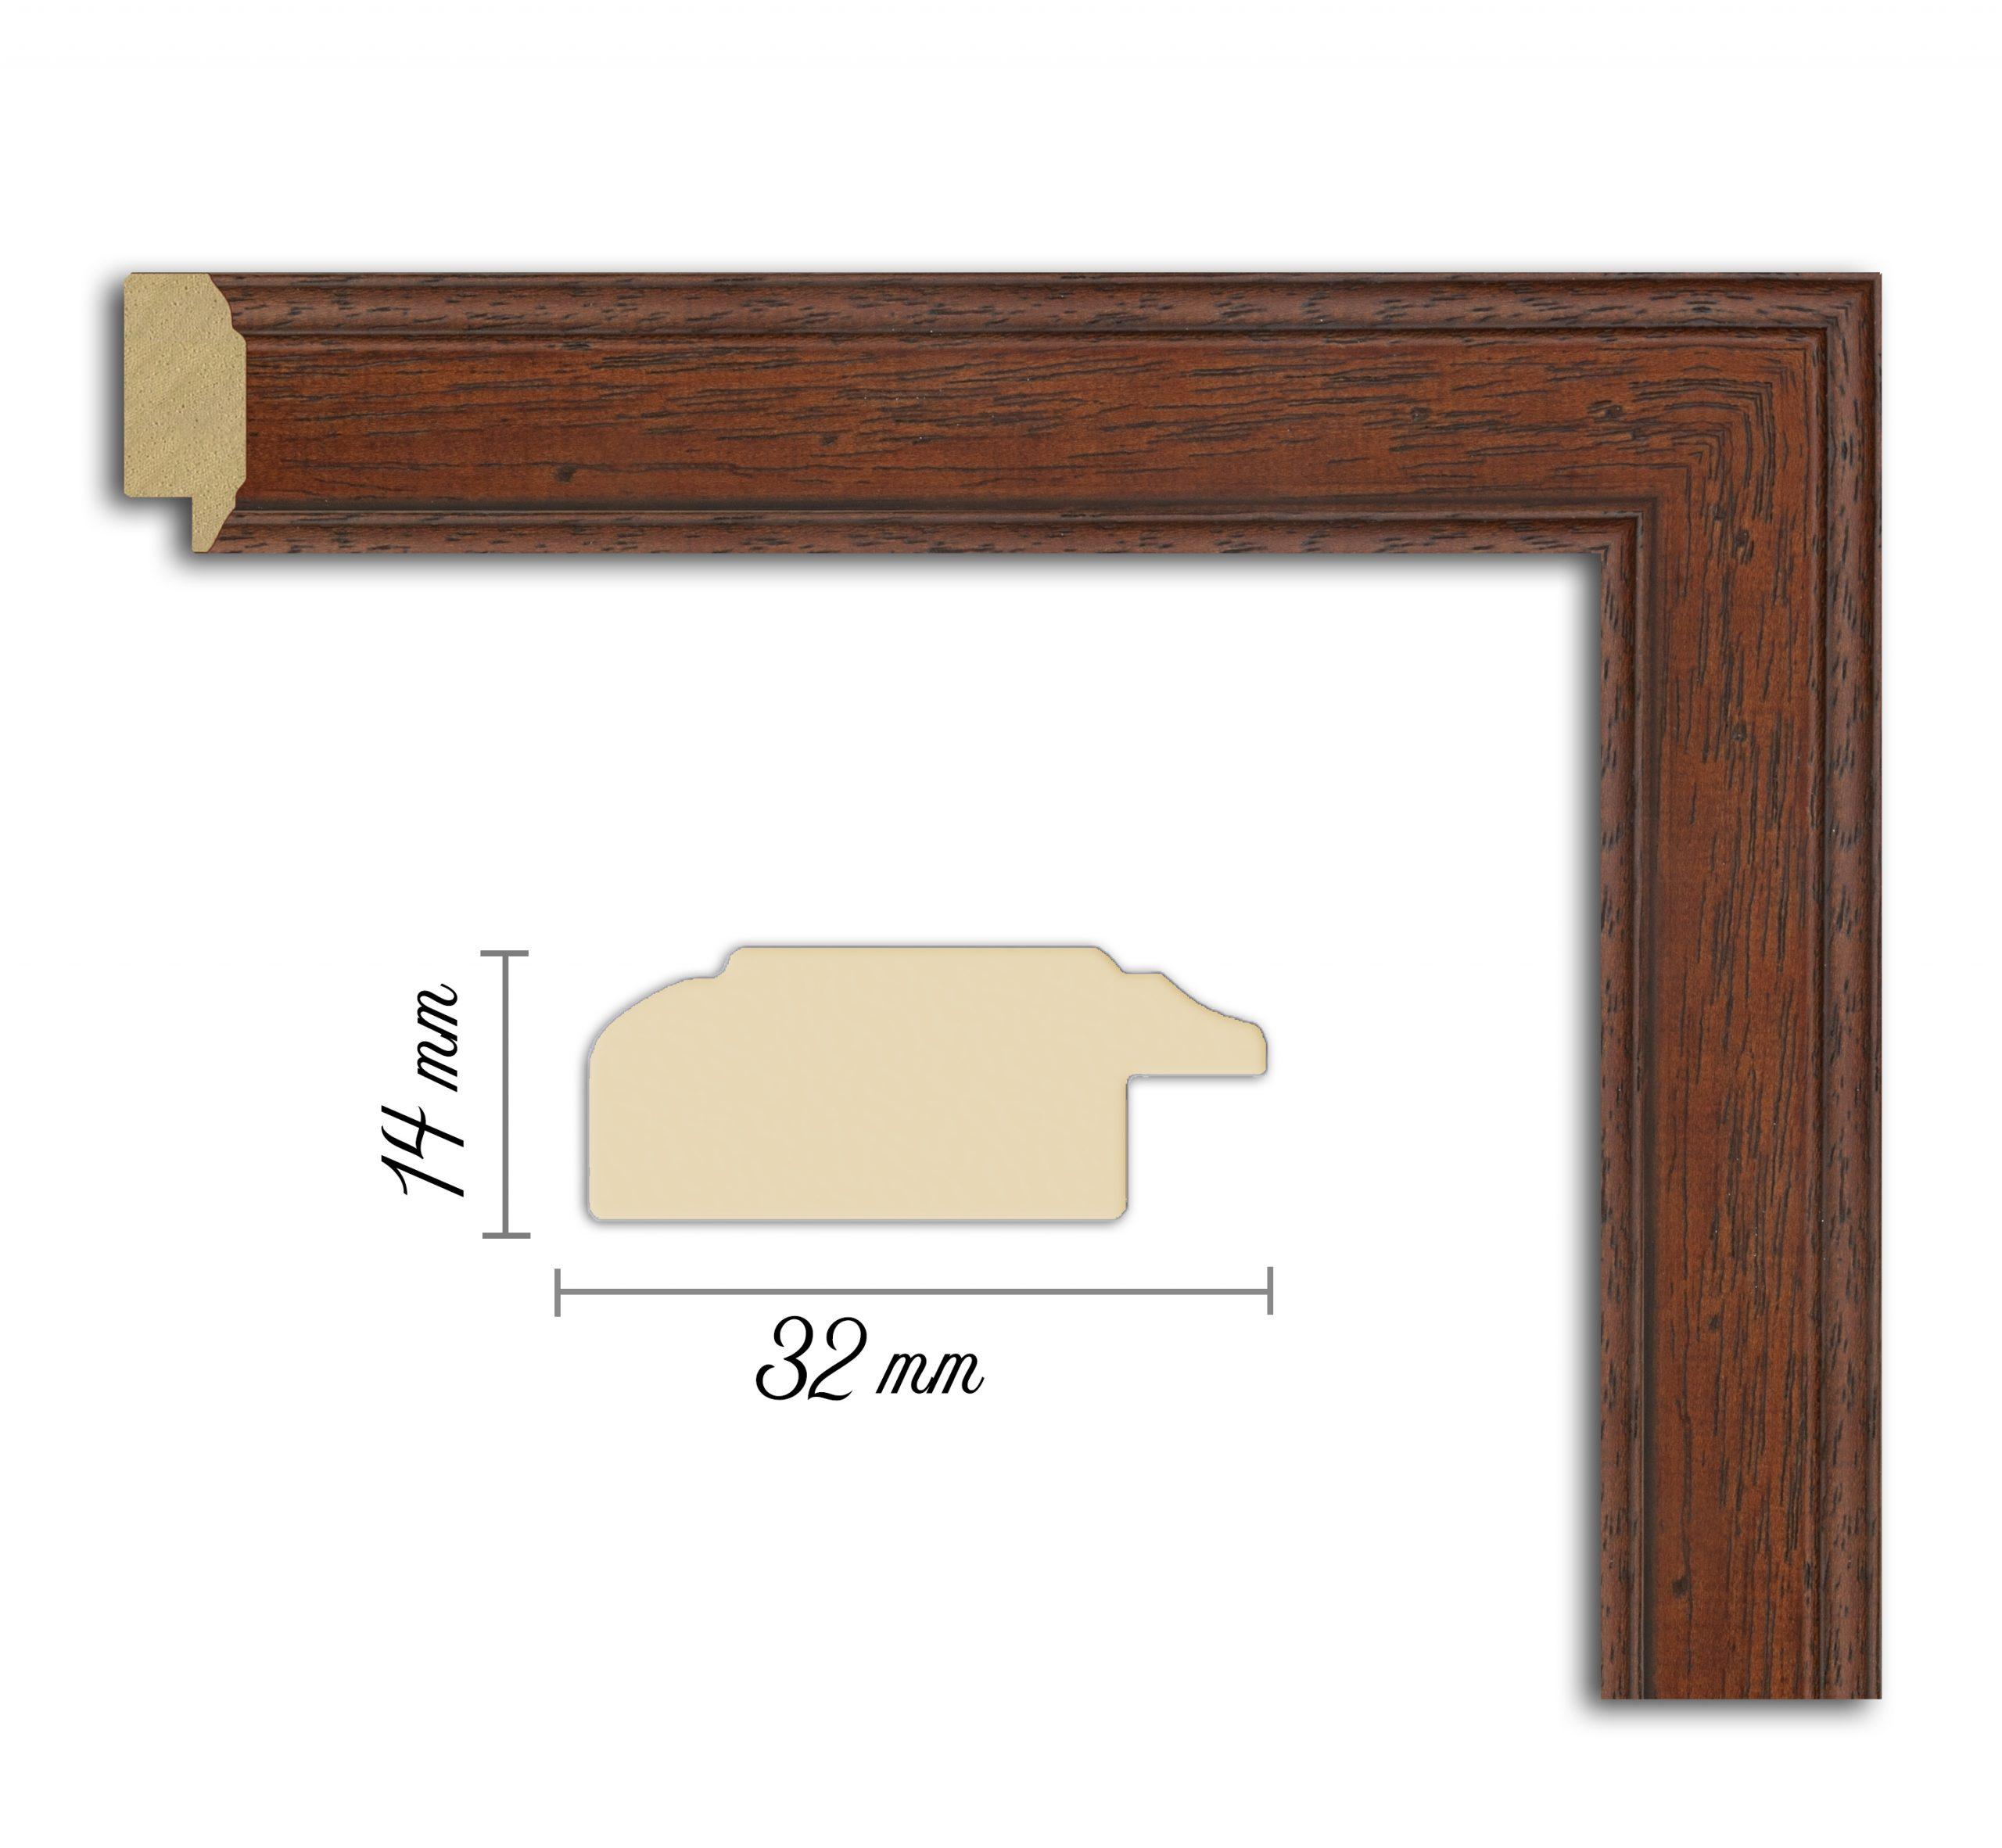 Дървен профил 03-32, Дървени профили за рамки, рамкиране, рамки за картини, рамки за гоблени, профили за рамки, профили за рамкиране, рамки от дърво, дървени рамки, профили за рамки, профили за рамкране, рамкиране на картини; кафява рамка, кафява дървена рамка, кафяв профил за рамка, кафява рамка от дърво; Дървен профил кафяв, дървесна рамка, сървесен прфил за рамка